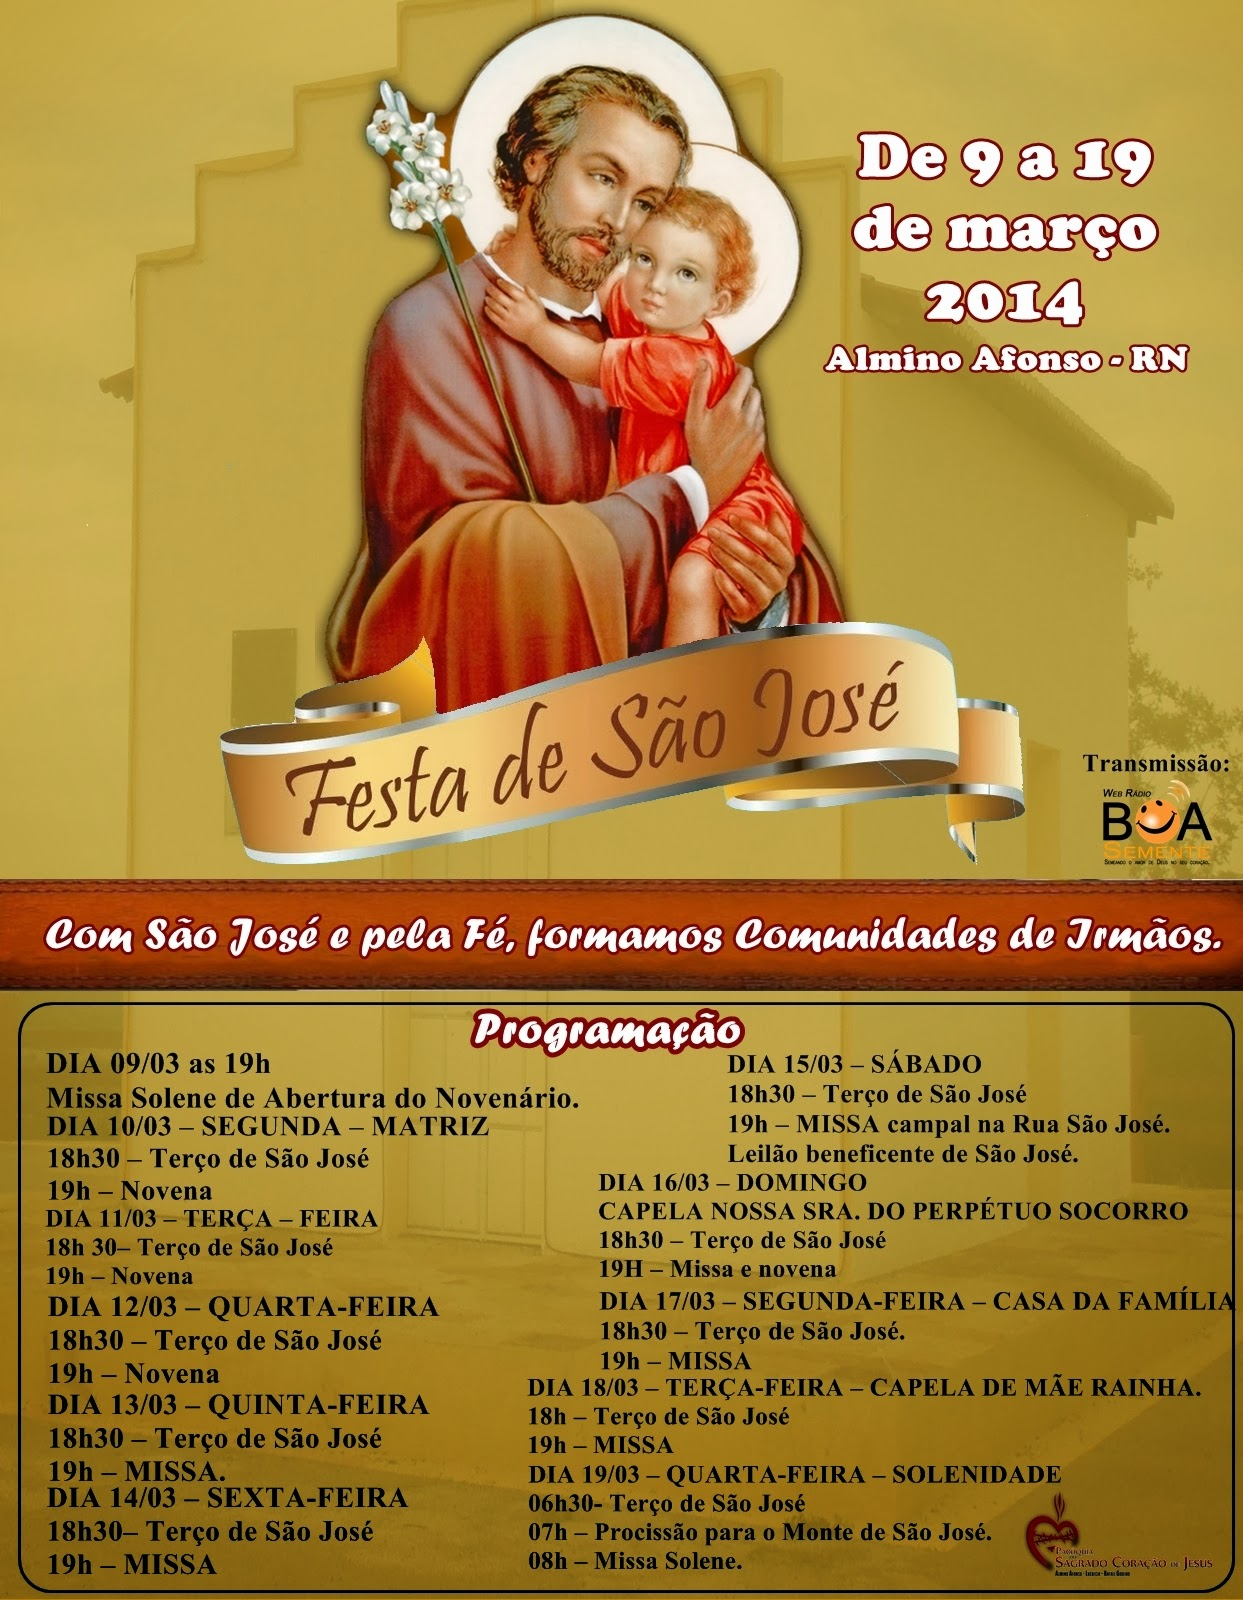 Festa em honra a São José em Almino Afonso - RN